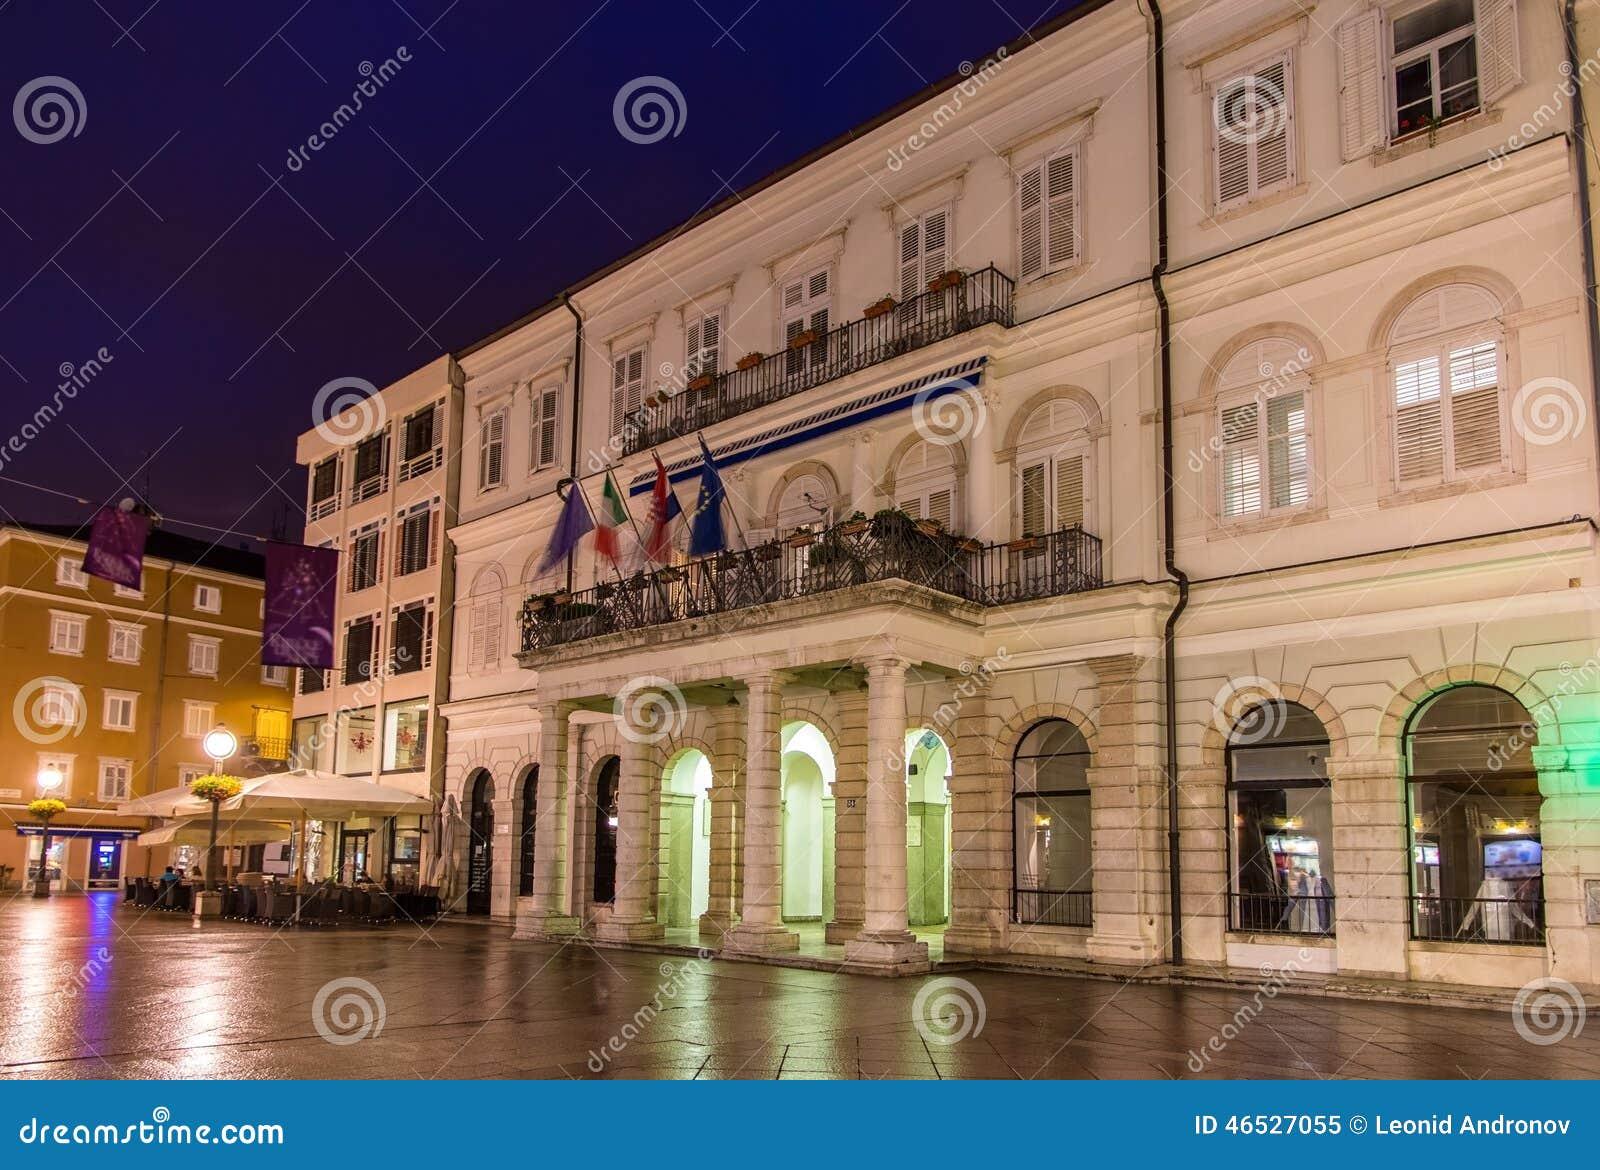 View of Rijeka town hall, Croatia